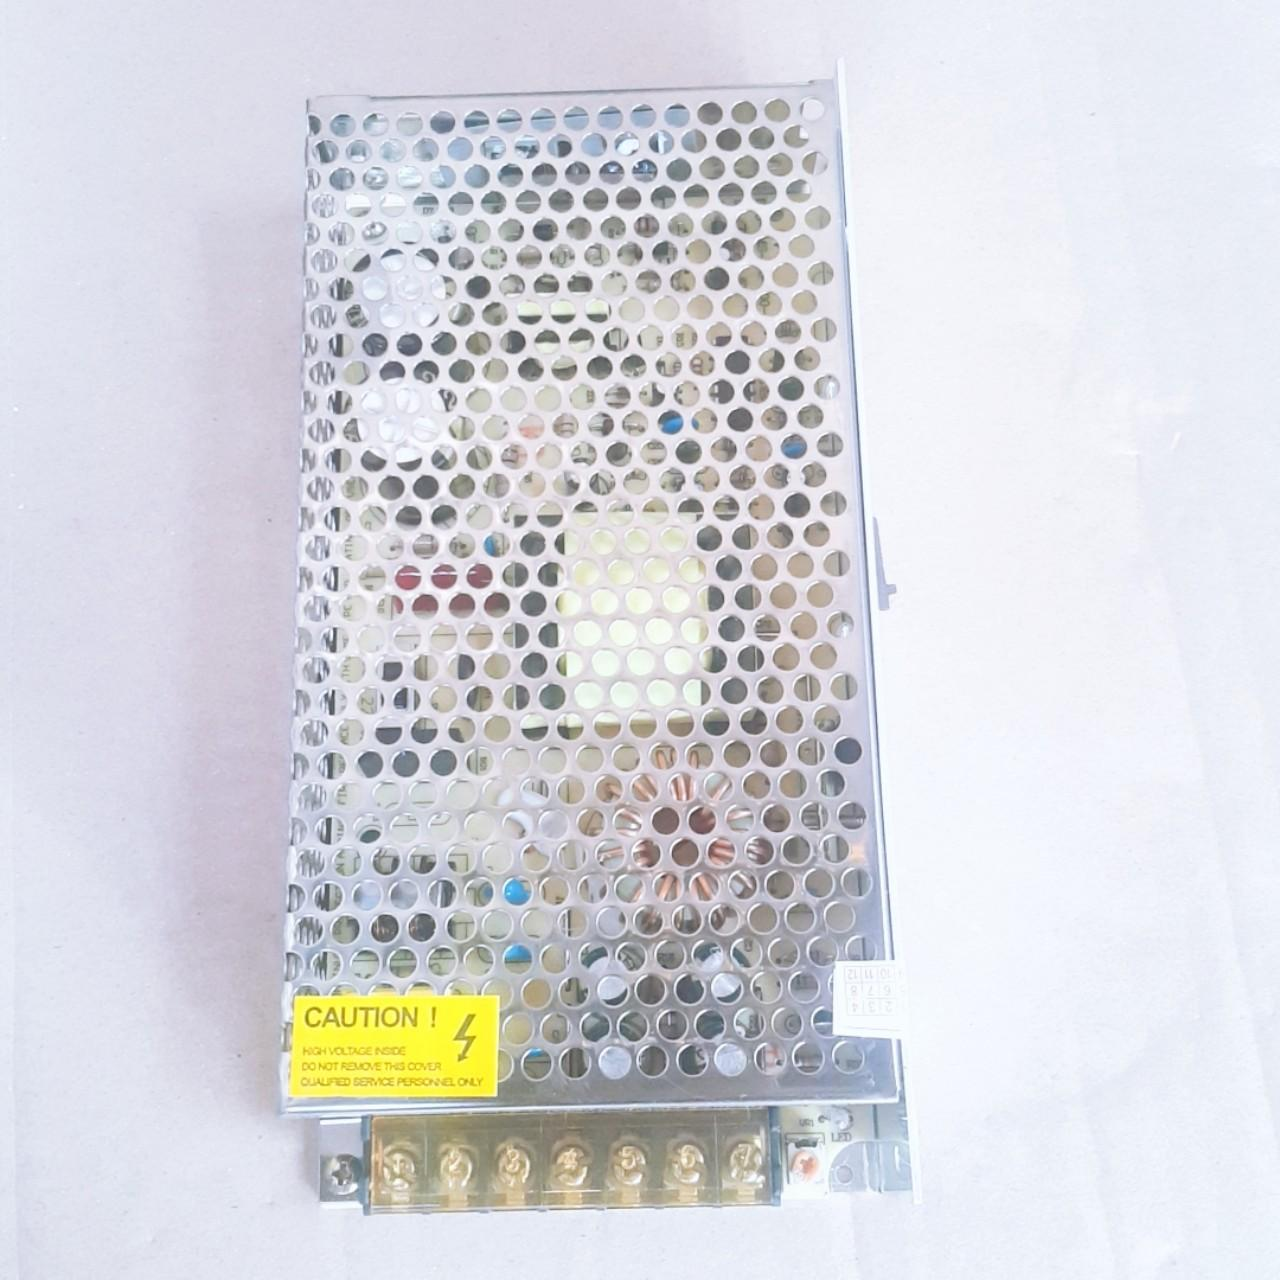 Bộ nguồn tổ ong 24V 5A-10A